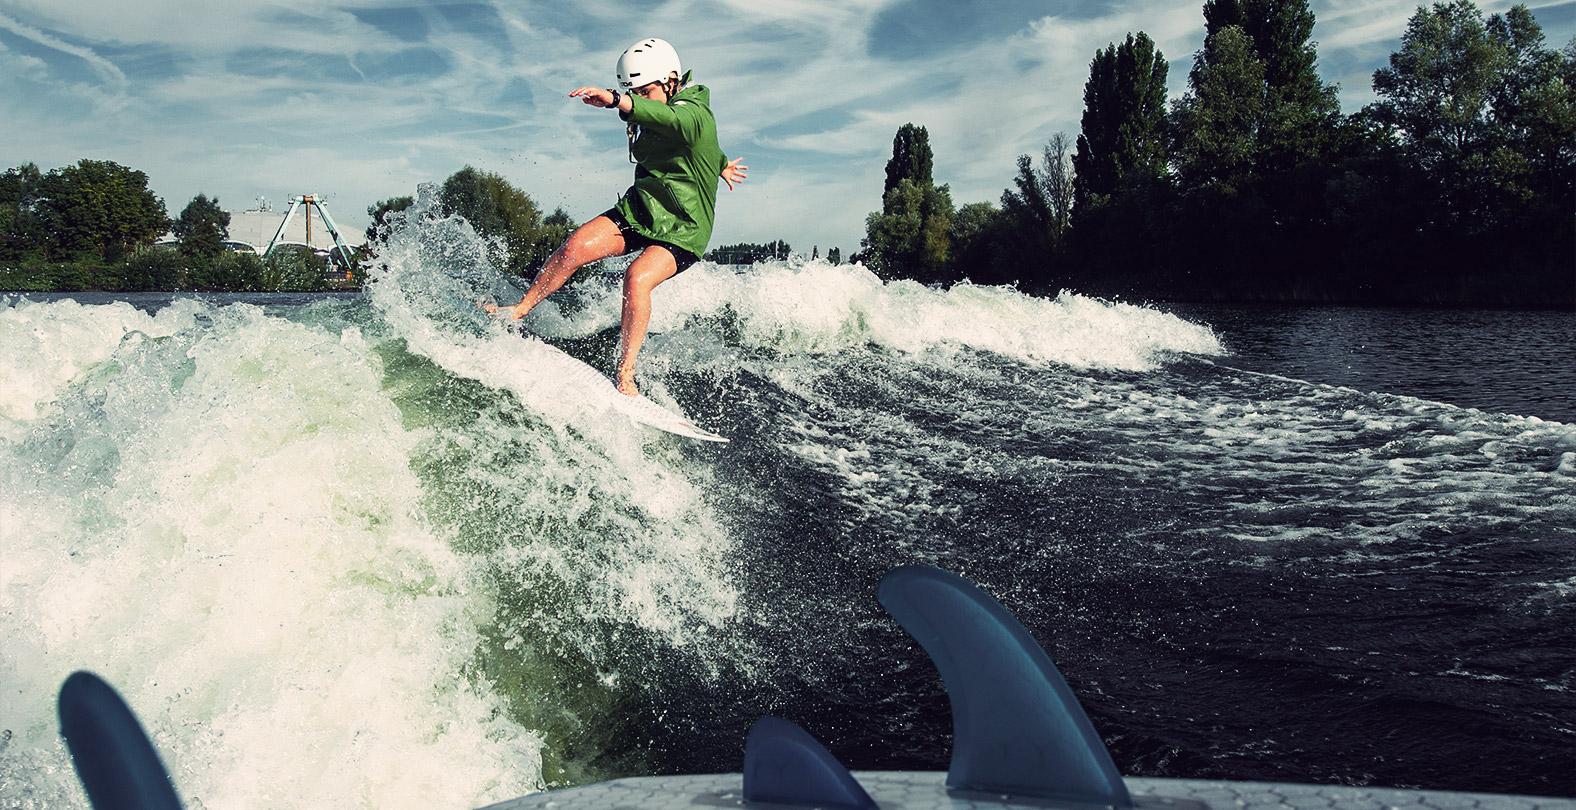 Aimee Fuller wakesurfing